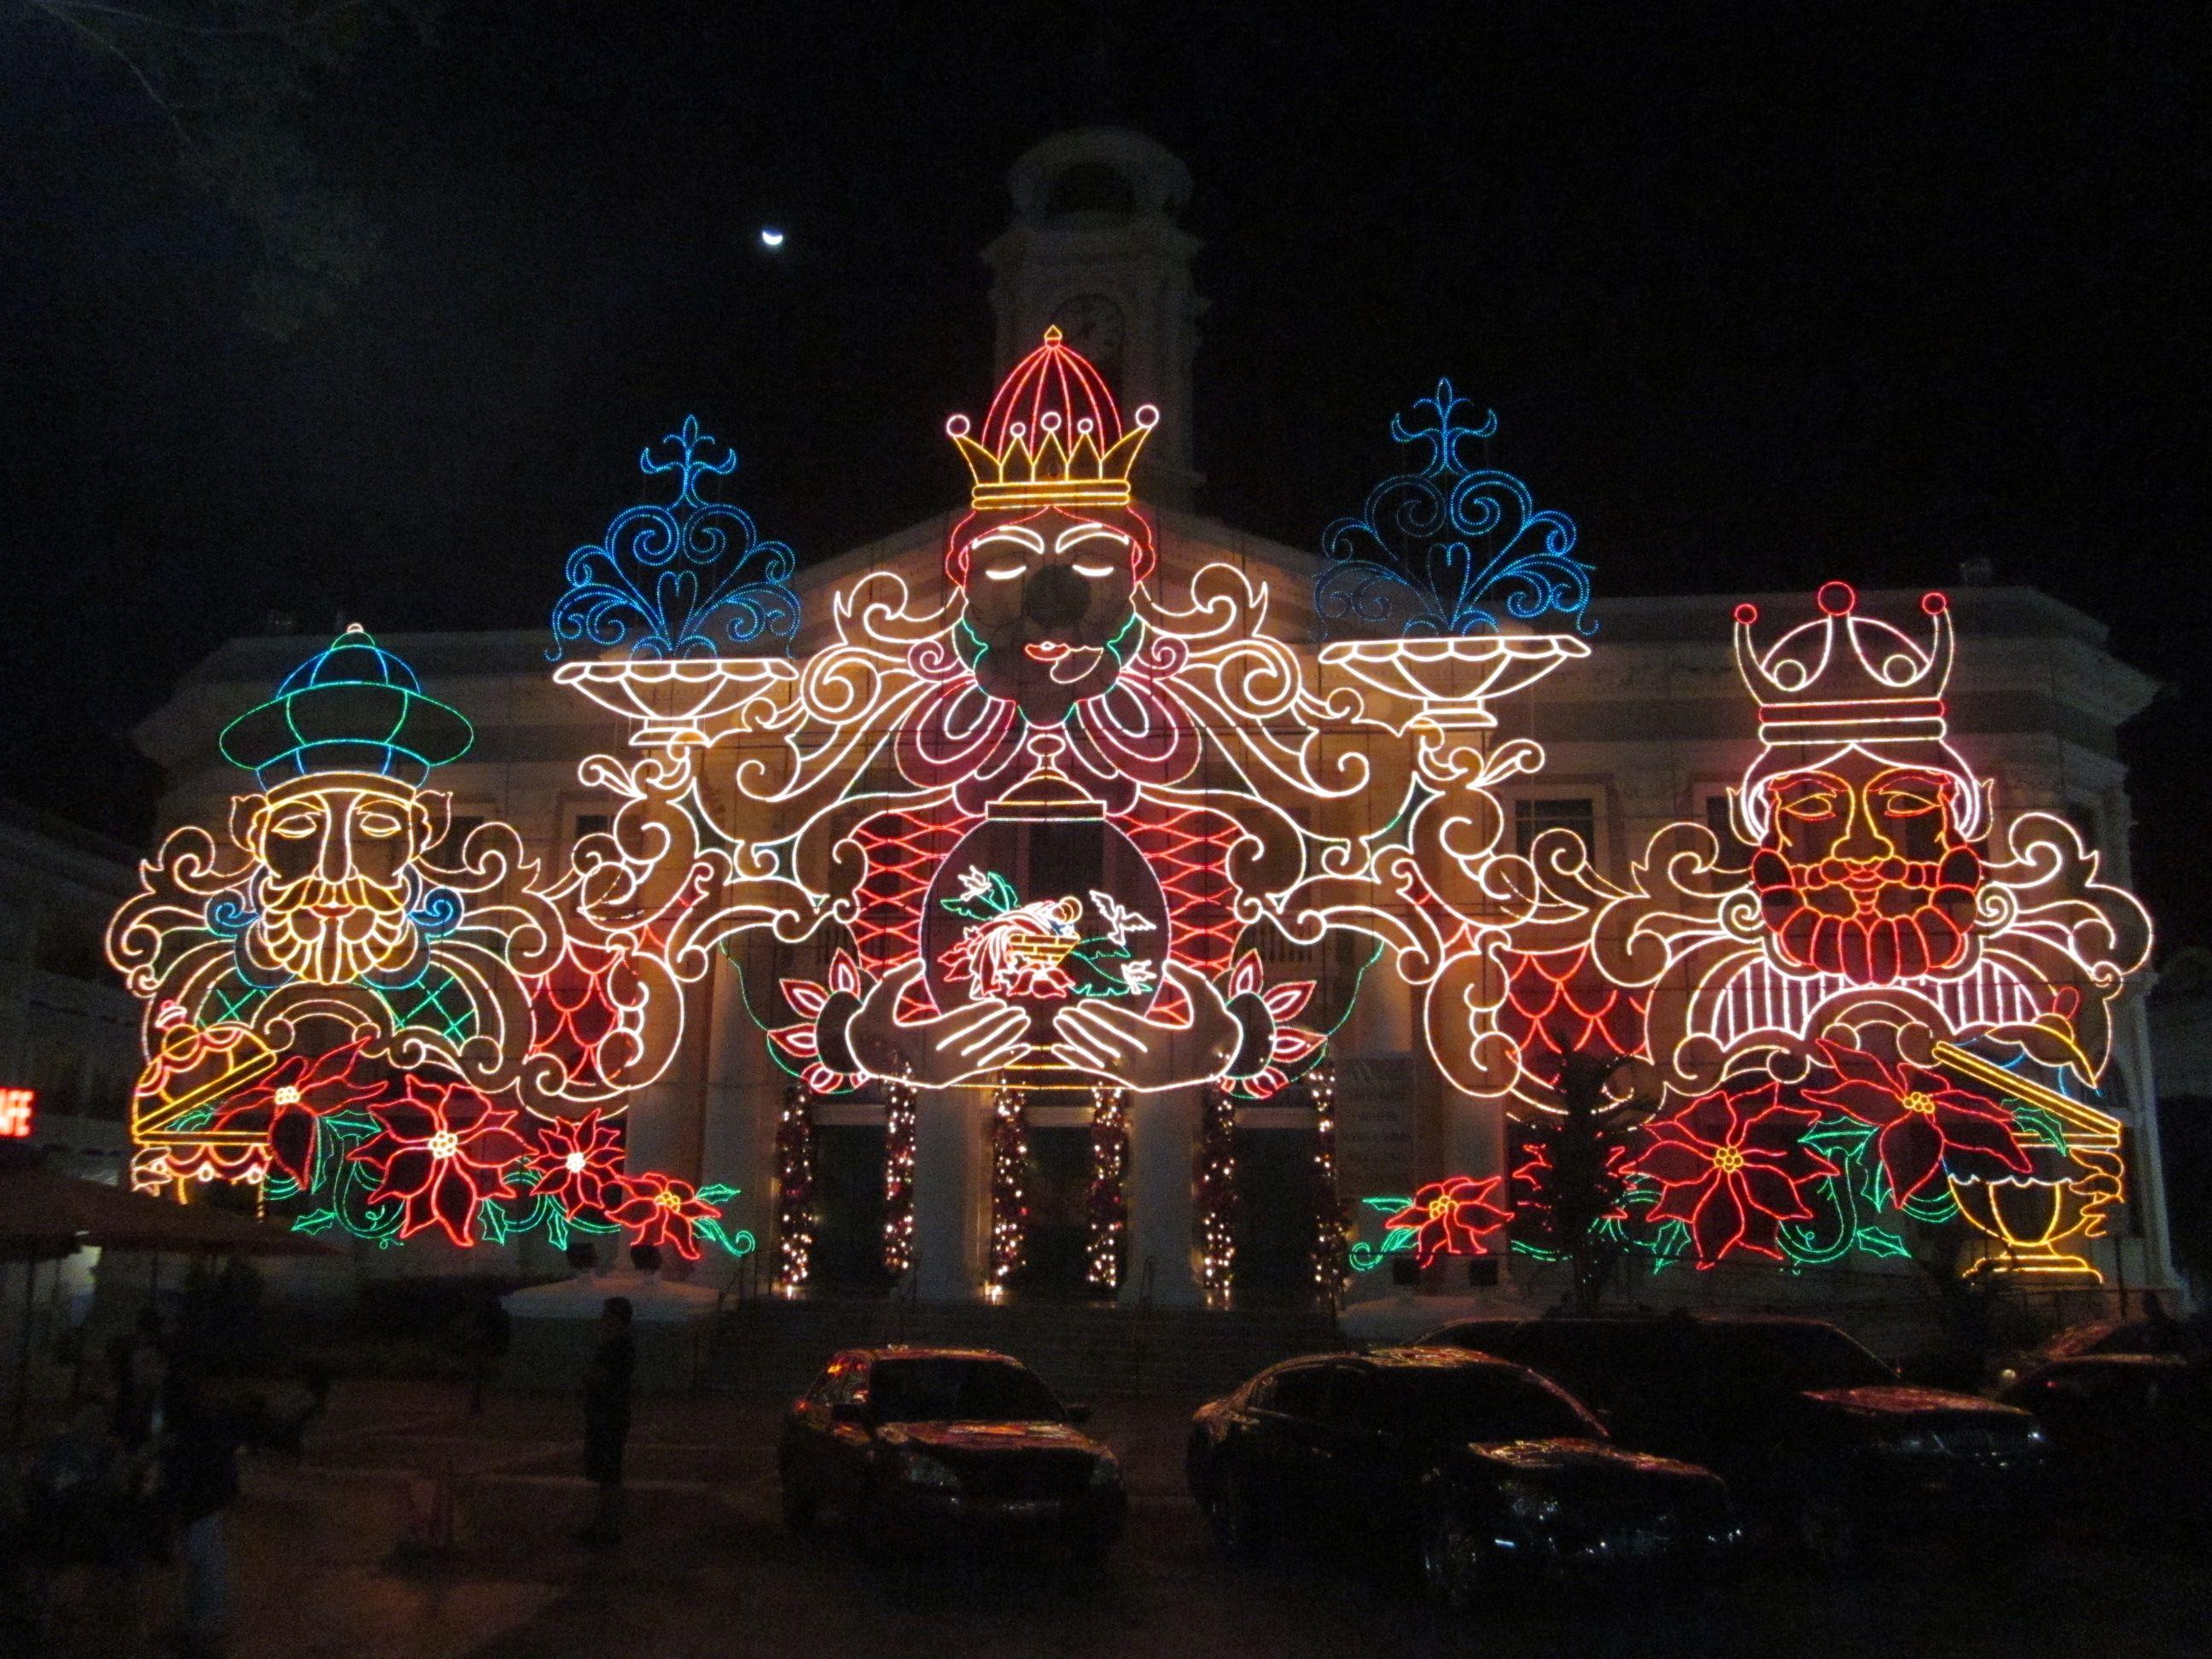 Alcaldia de noche / Town Hall at night